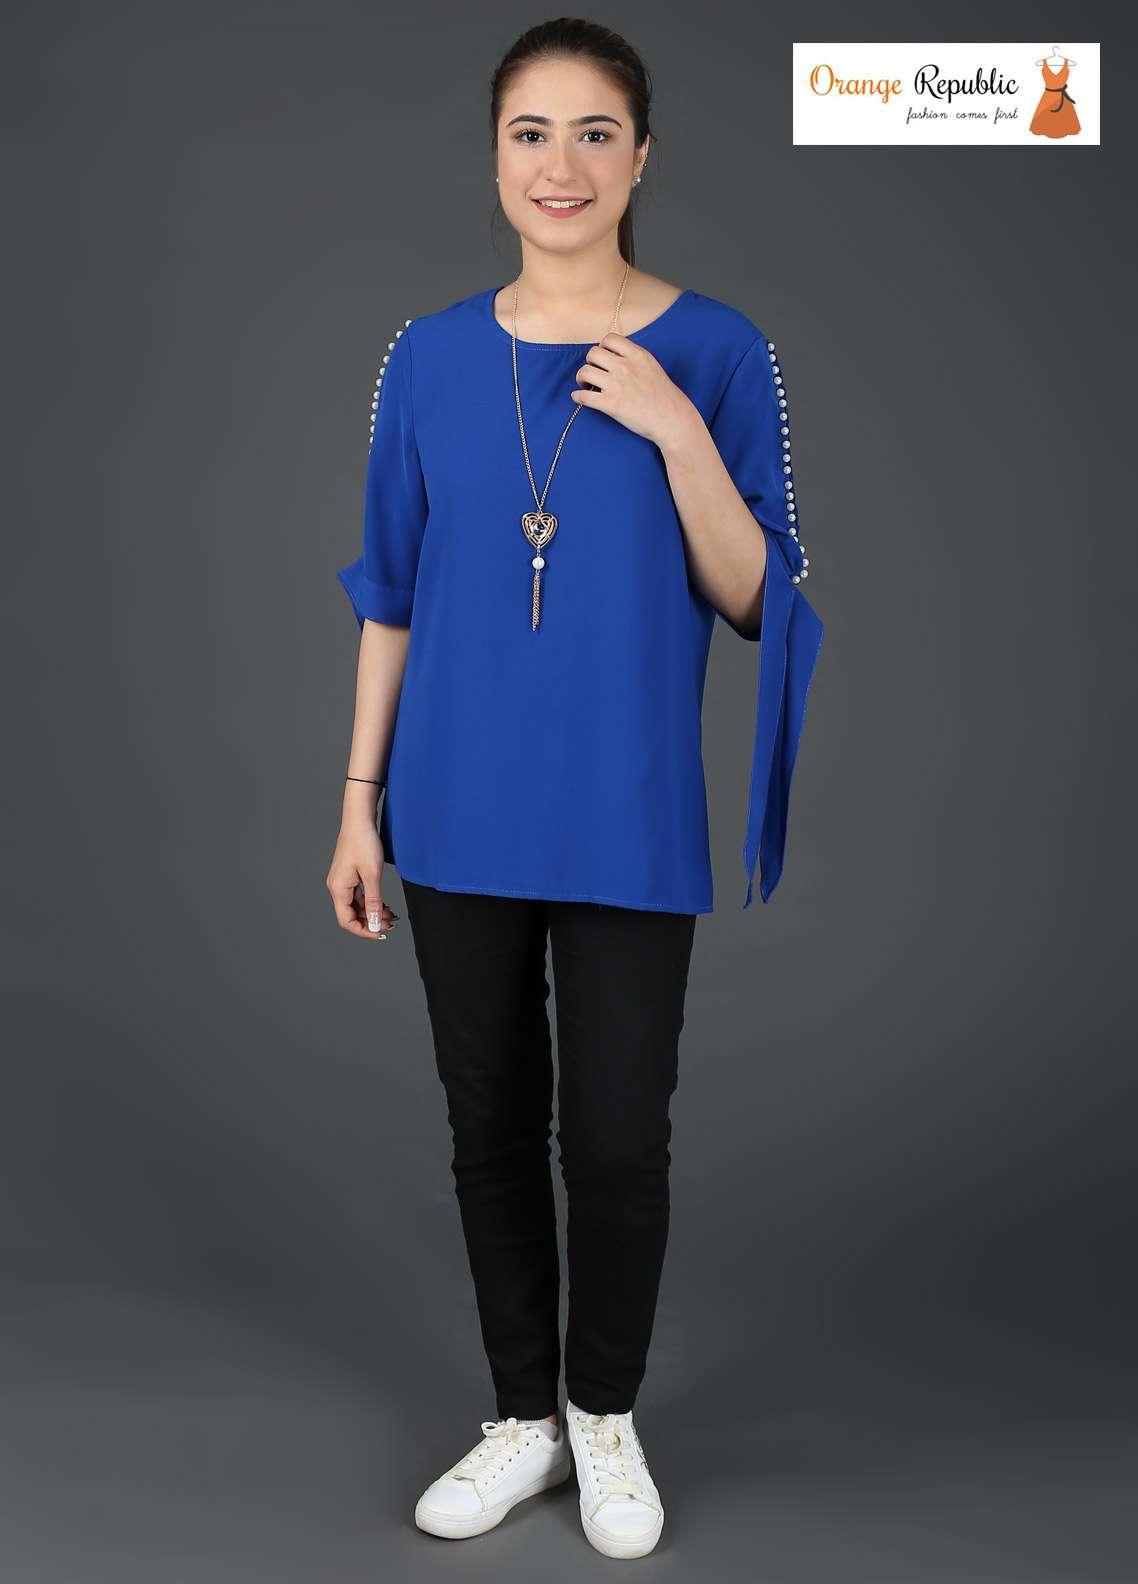 Orange Republic Fancy Style Bubble Chiffon Stitched Tops USA-03 Blue